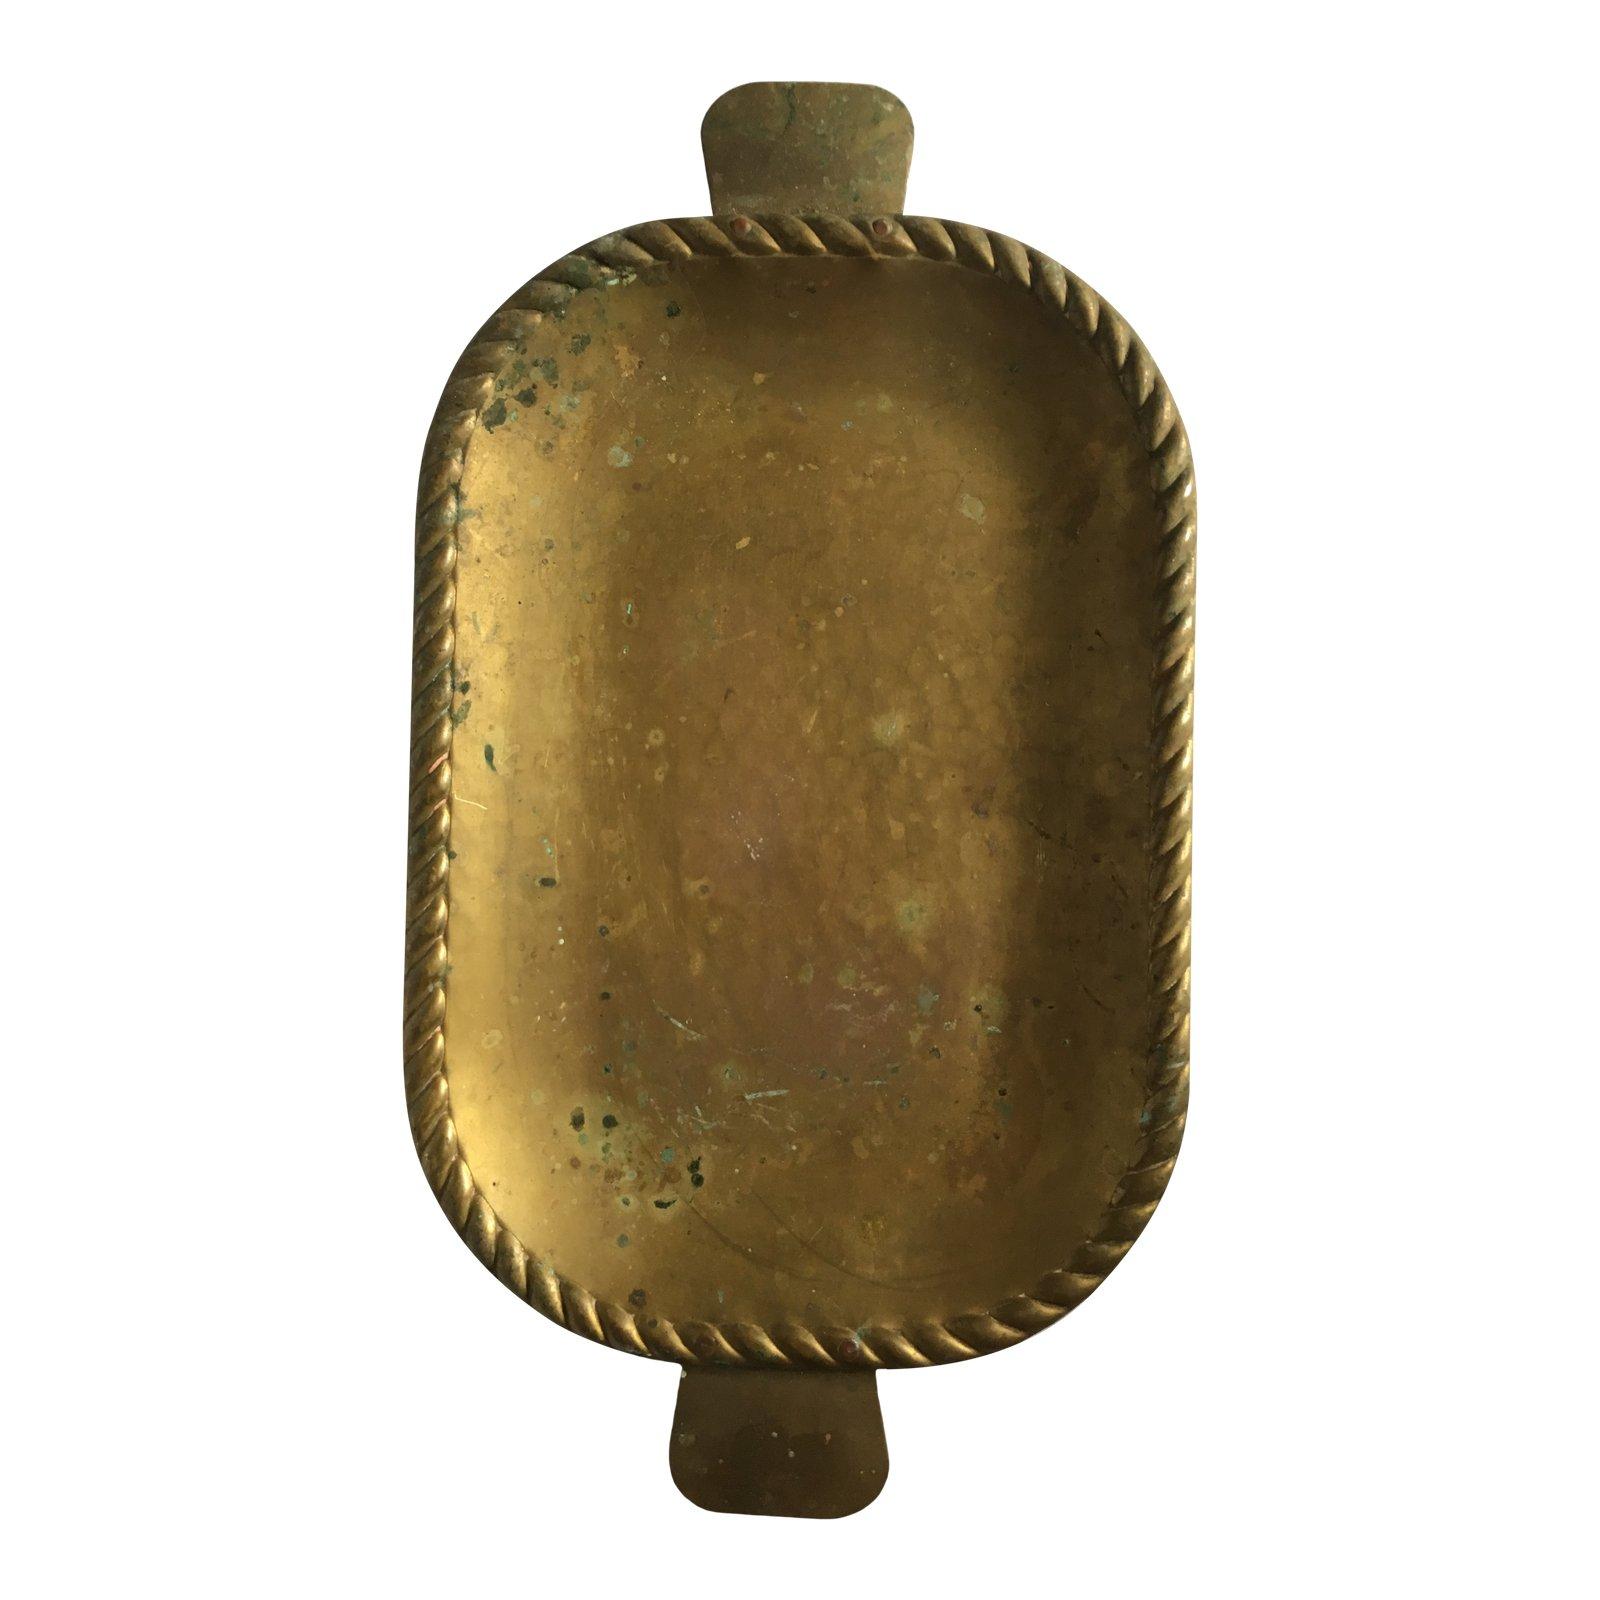 vintage-brass-tray-7144.jpeg